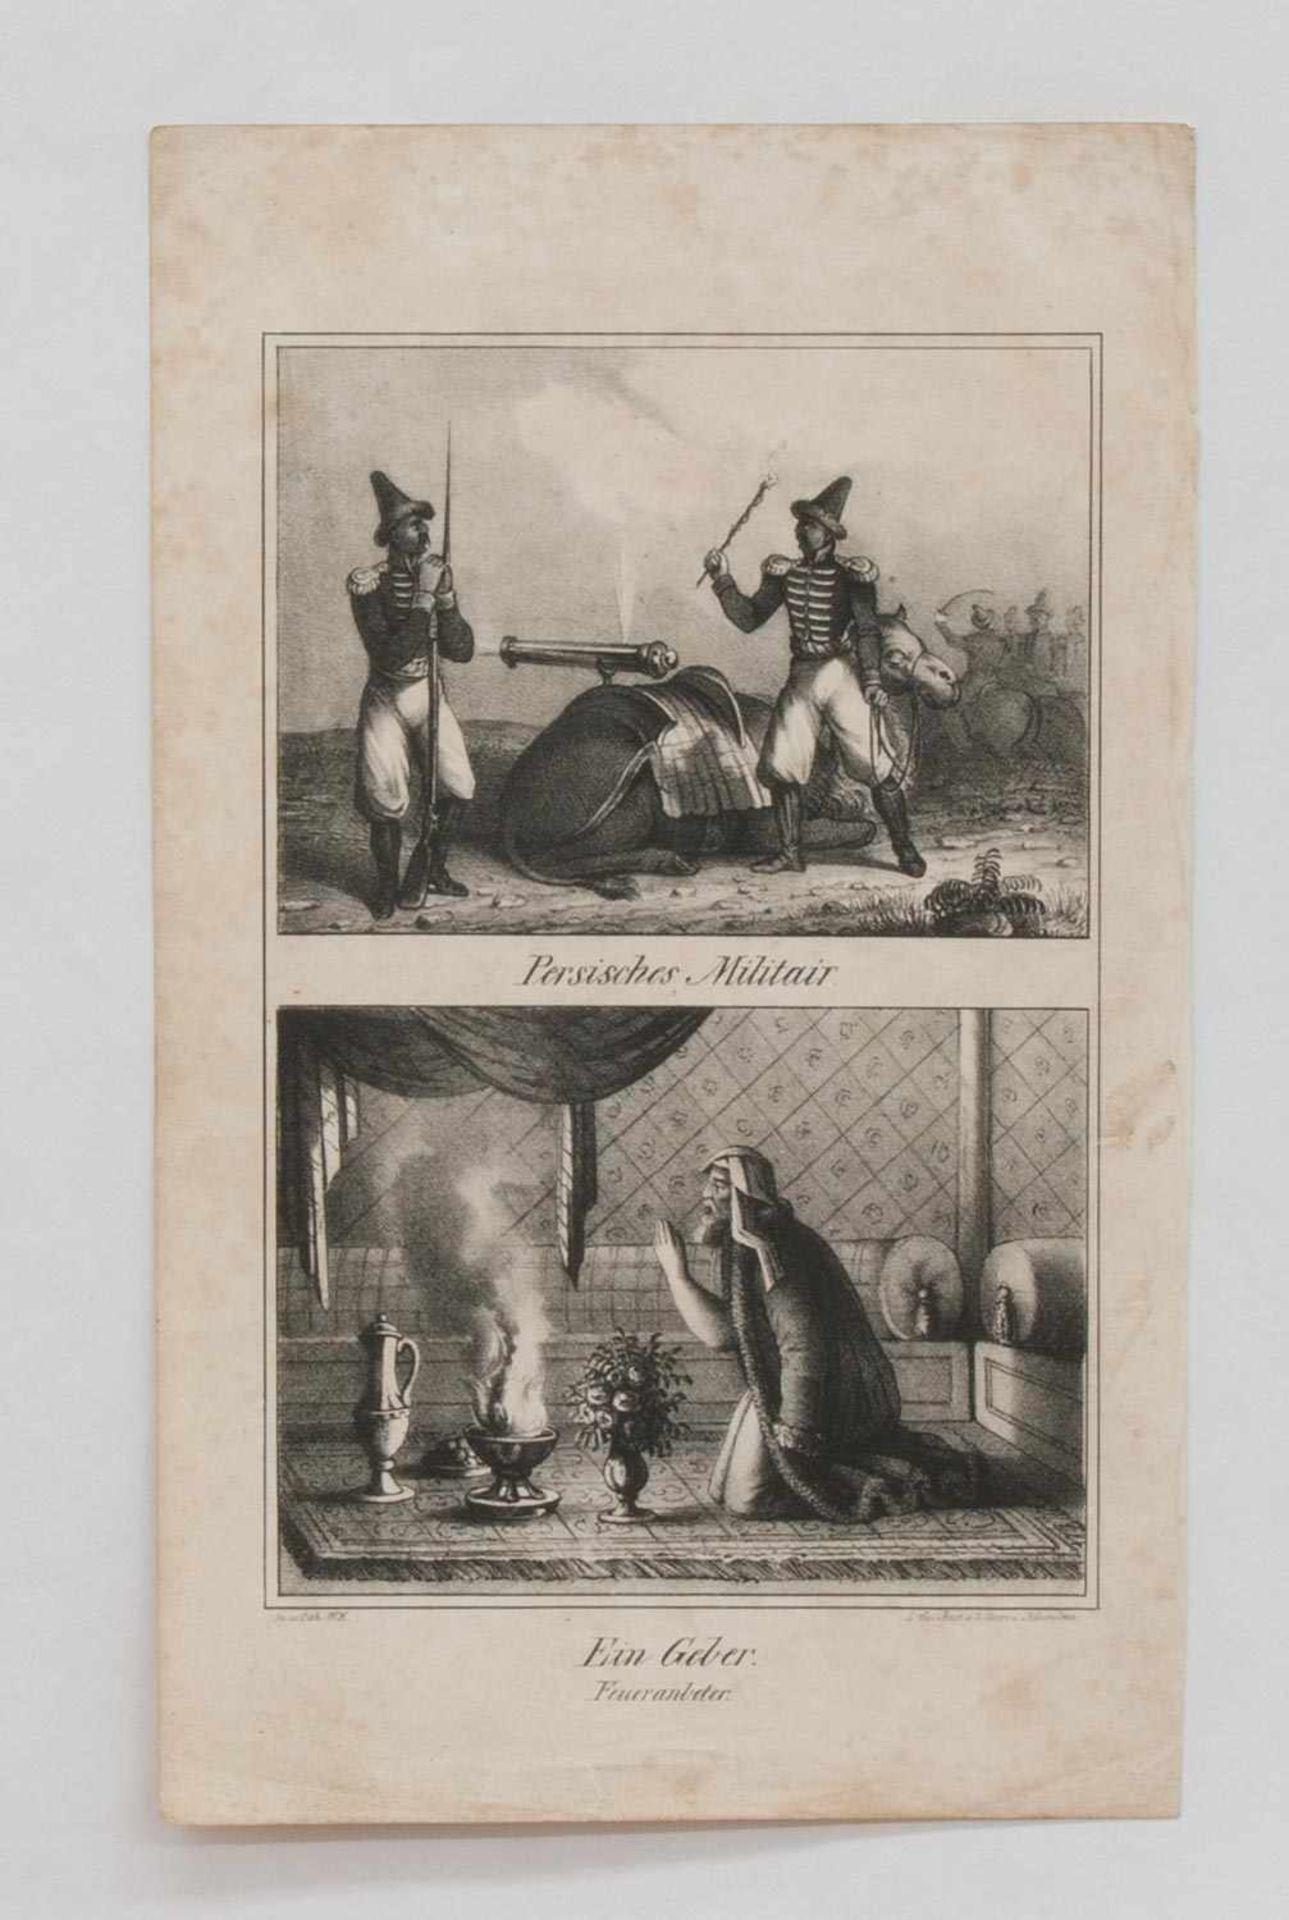 """Stahlstich """"Persisches Militair"""" - """"Ein Geber-Feueranbeter""""2 Stahlstiche auf einem Blatt um 1850,"""